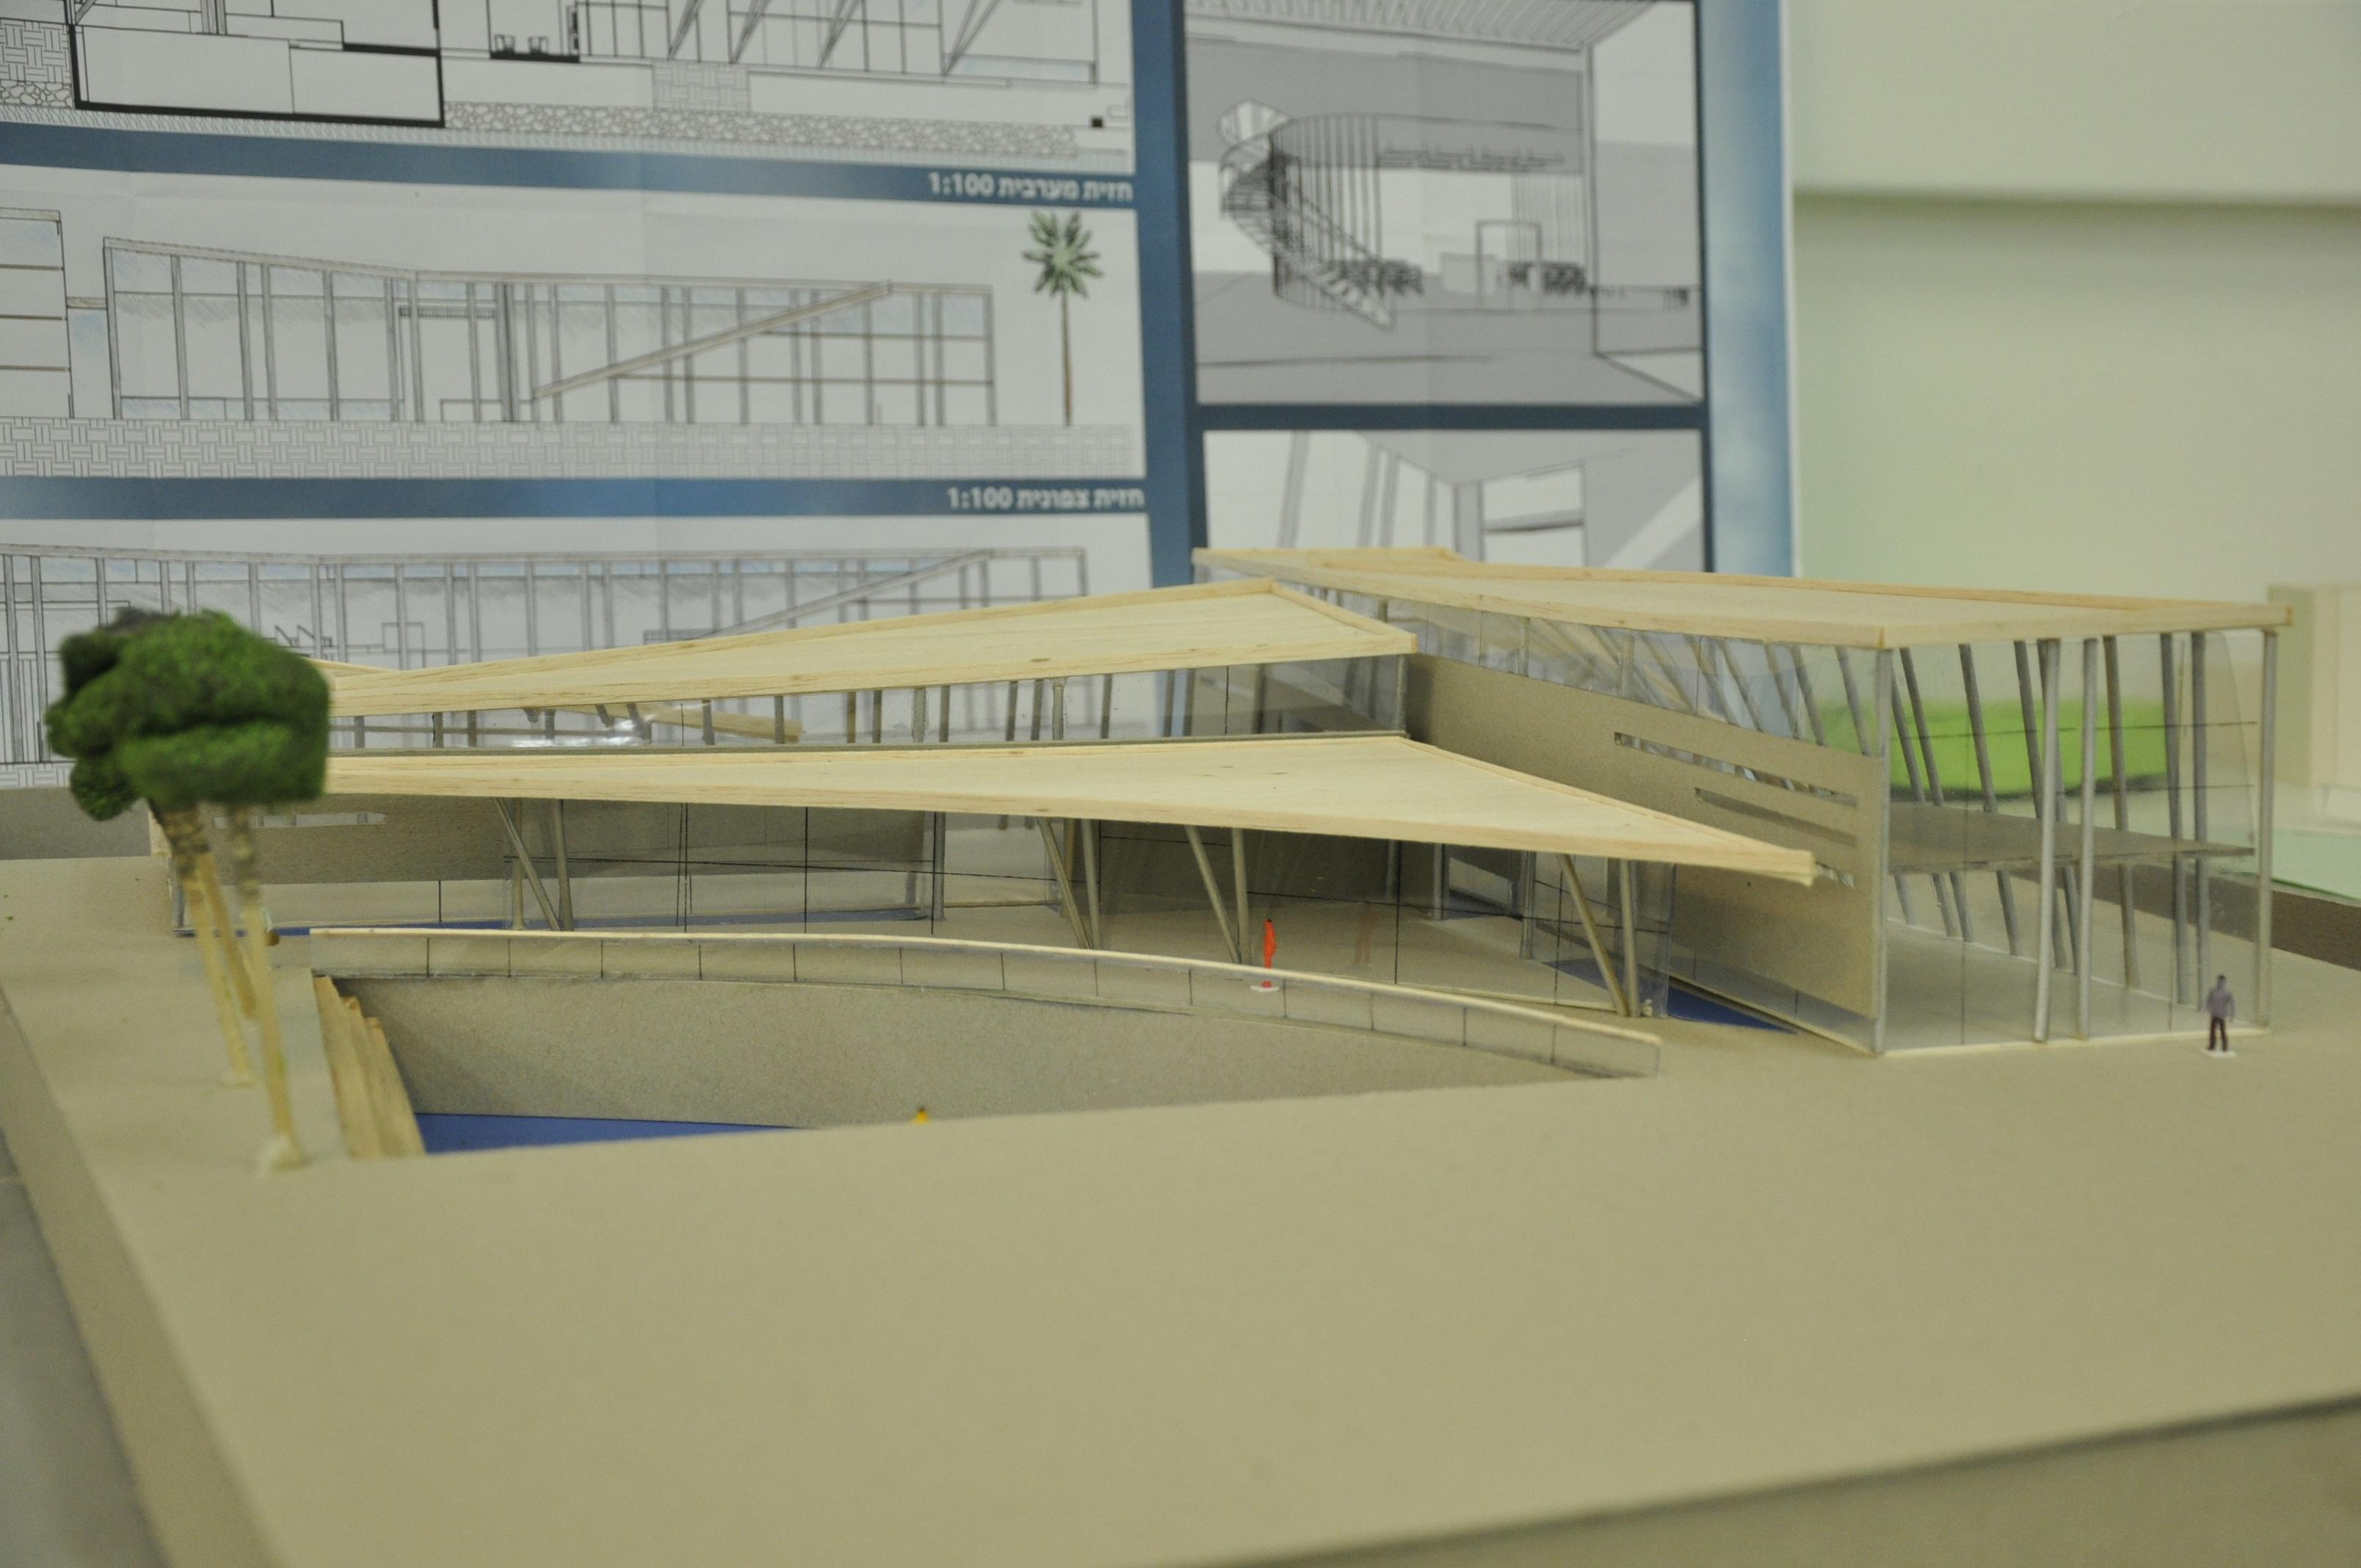 תכנון מרכז ספורט ימי, הנדסאי אדריכלות. מגישה ענבר ששונוב, מנחה תמיר גרינברג. צילום: מאיה לוי - שנקר הנדסאים